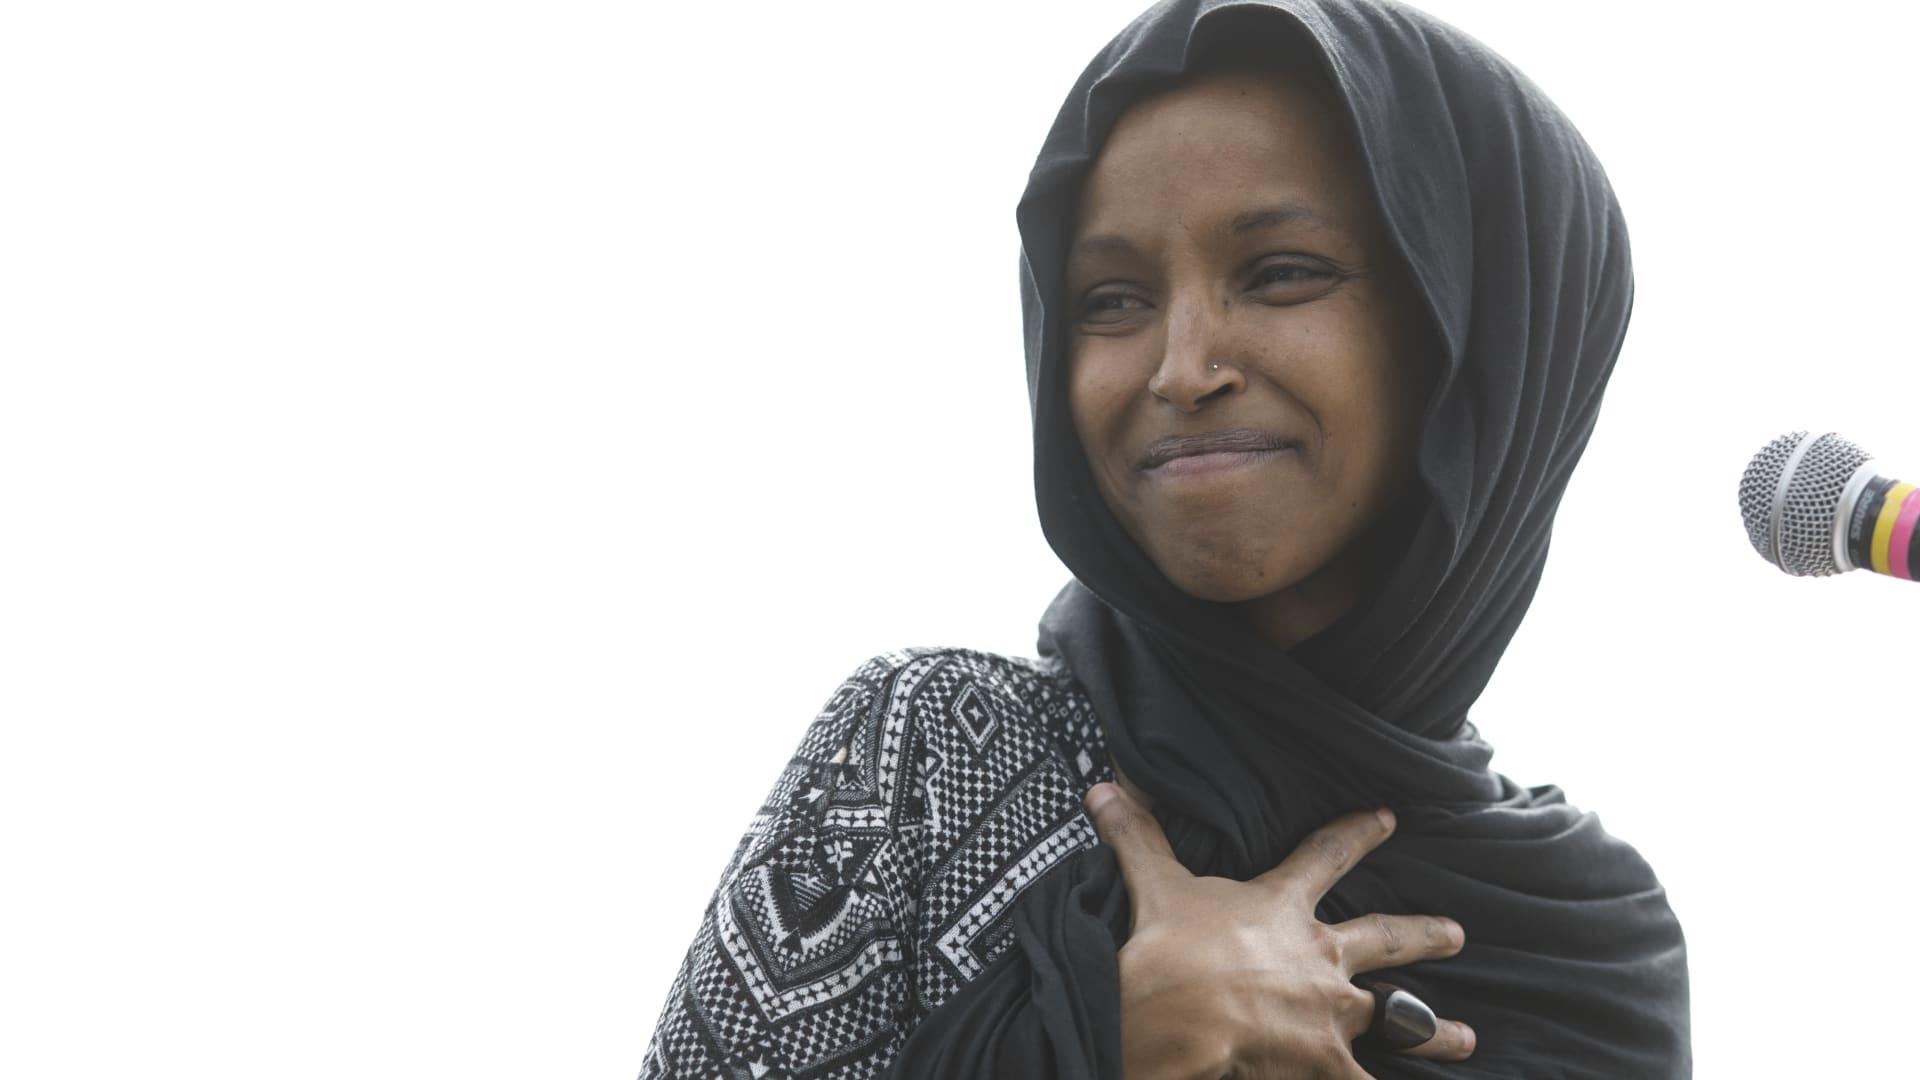 """غضب بعد """"بوستر"""" يربط النائب الأمريكية المسلمة الهان عمر بـ11 سبتمبر"""